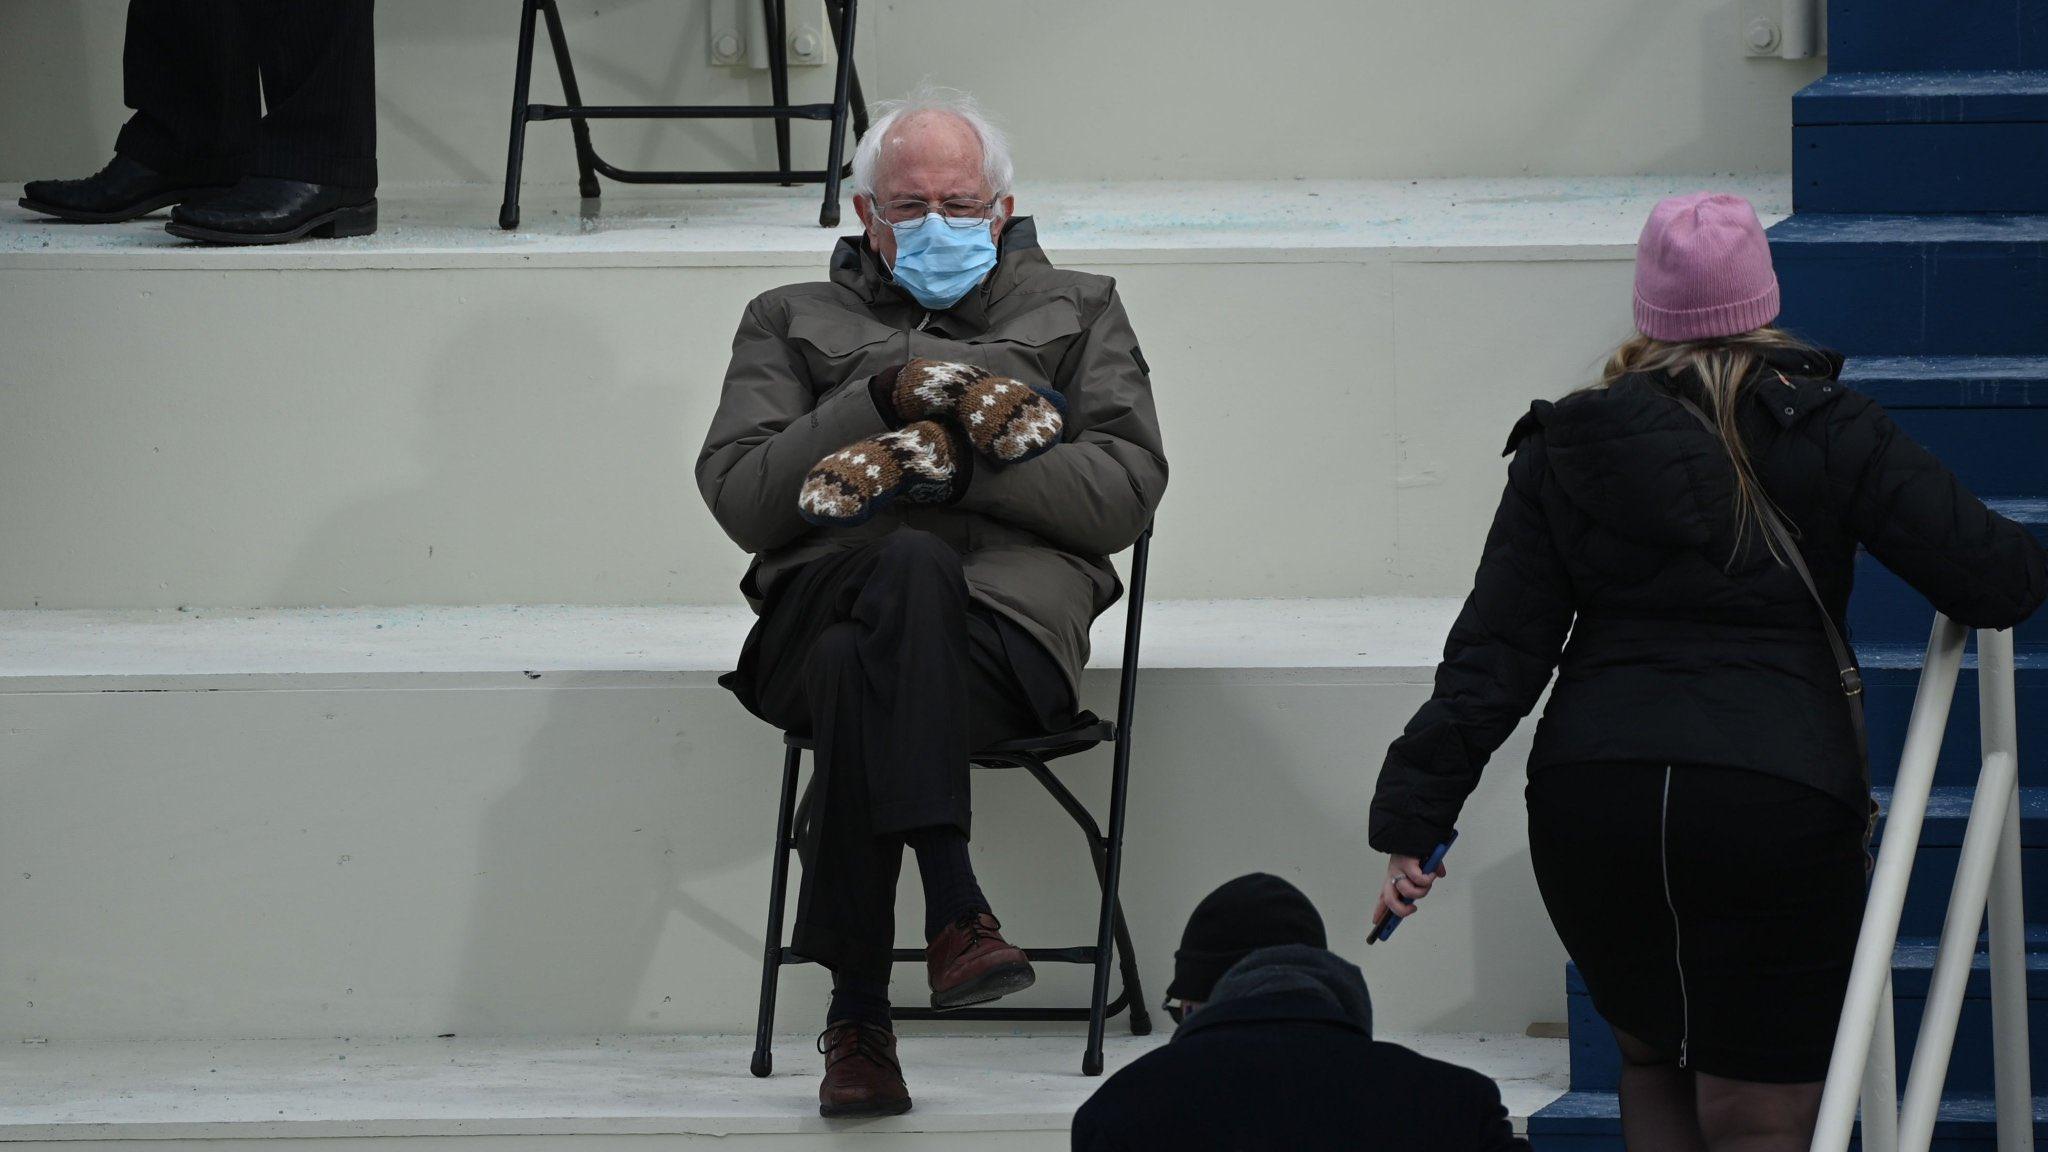 Берни Сандерс пришёл на инаугурацию Байдена в необычных варежках, несмотря на тёплую погоду